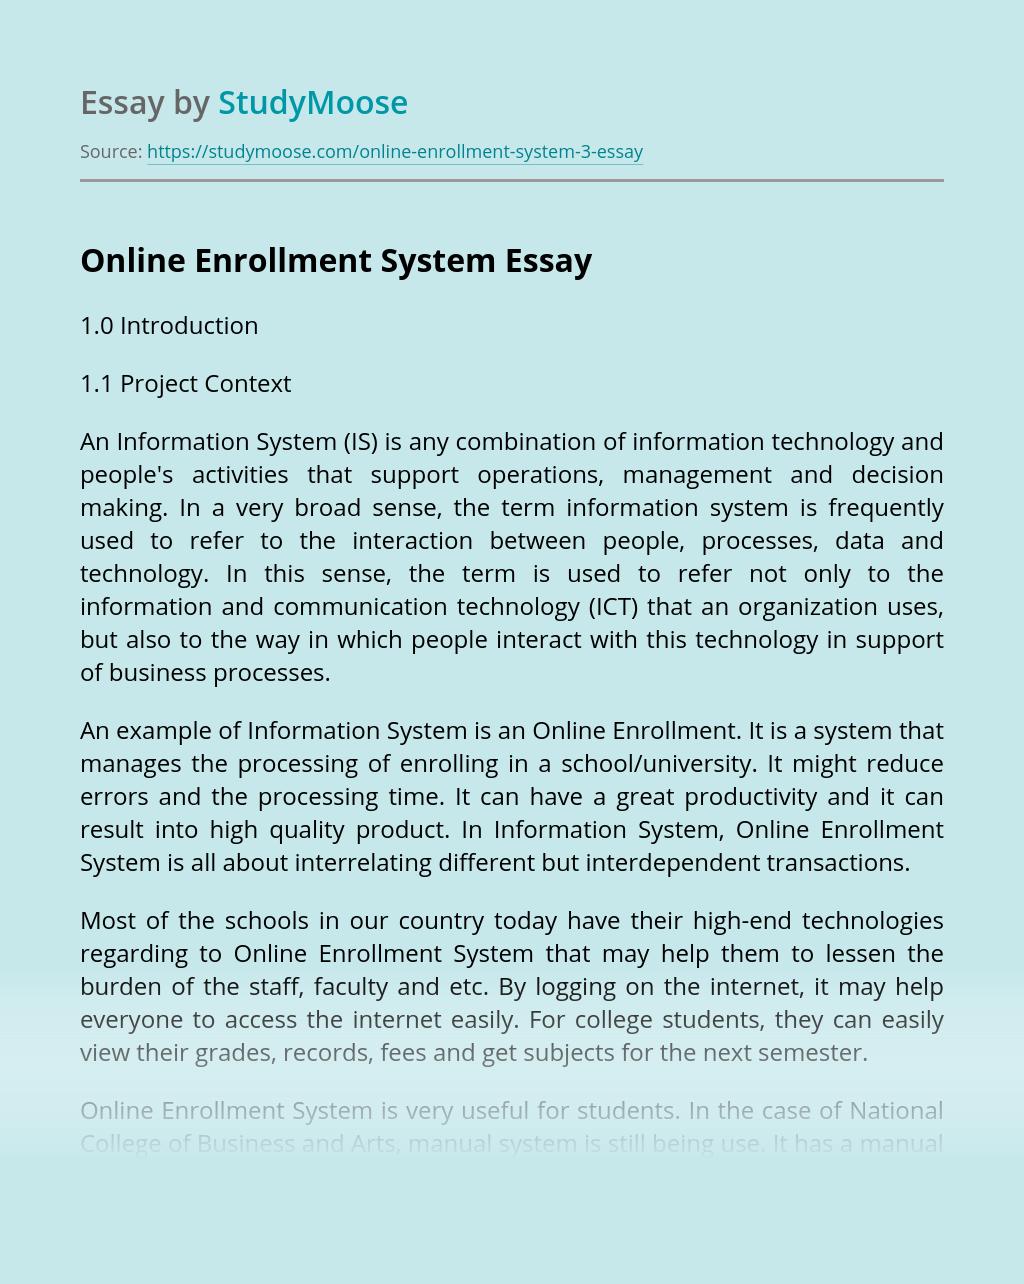 Online Enrollment System